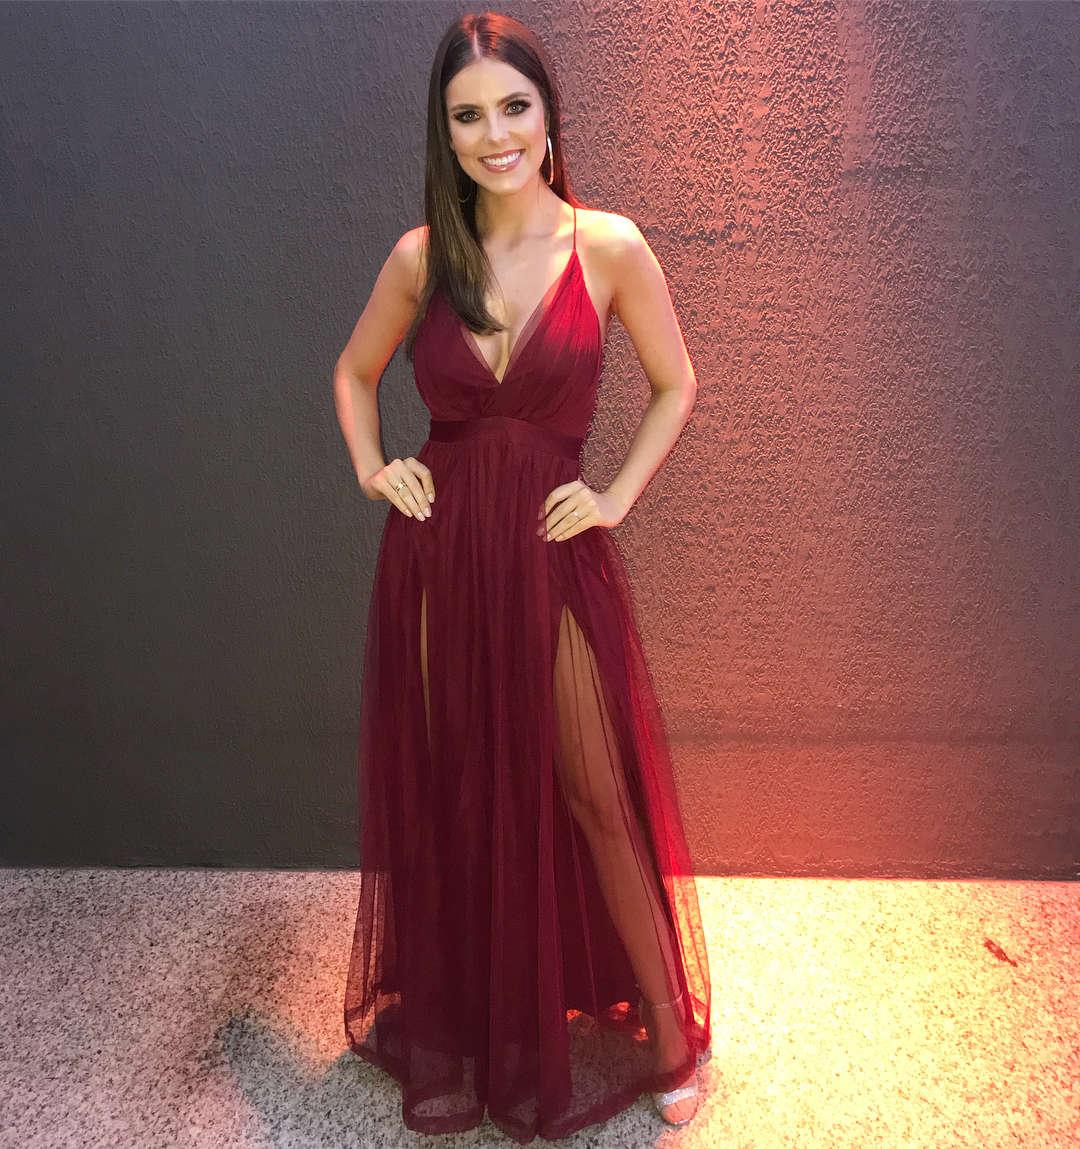 debora silva, top 5 de miss brasil universo 2018. 28156210